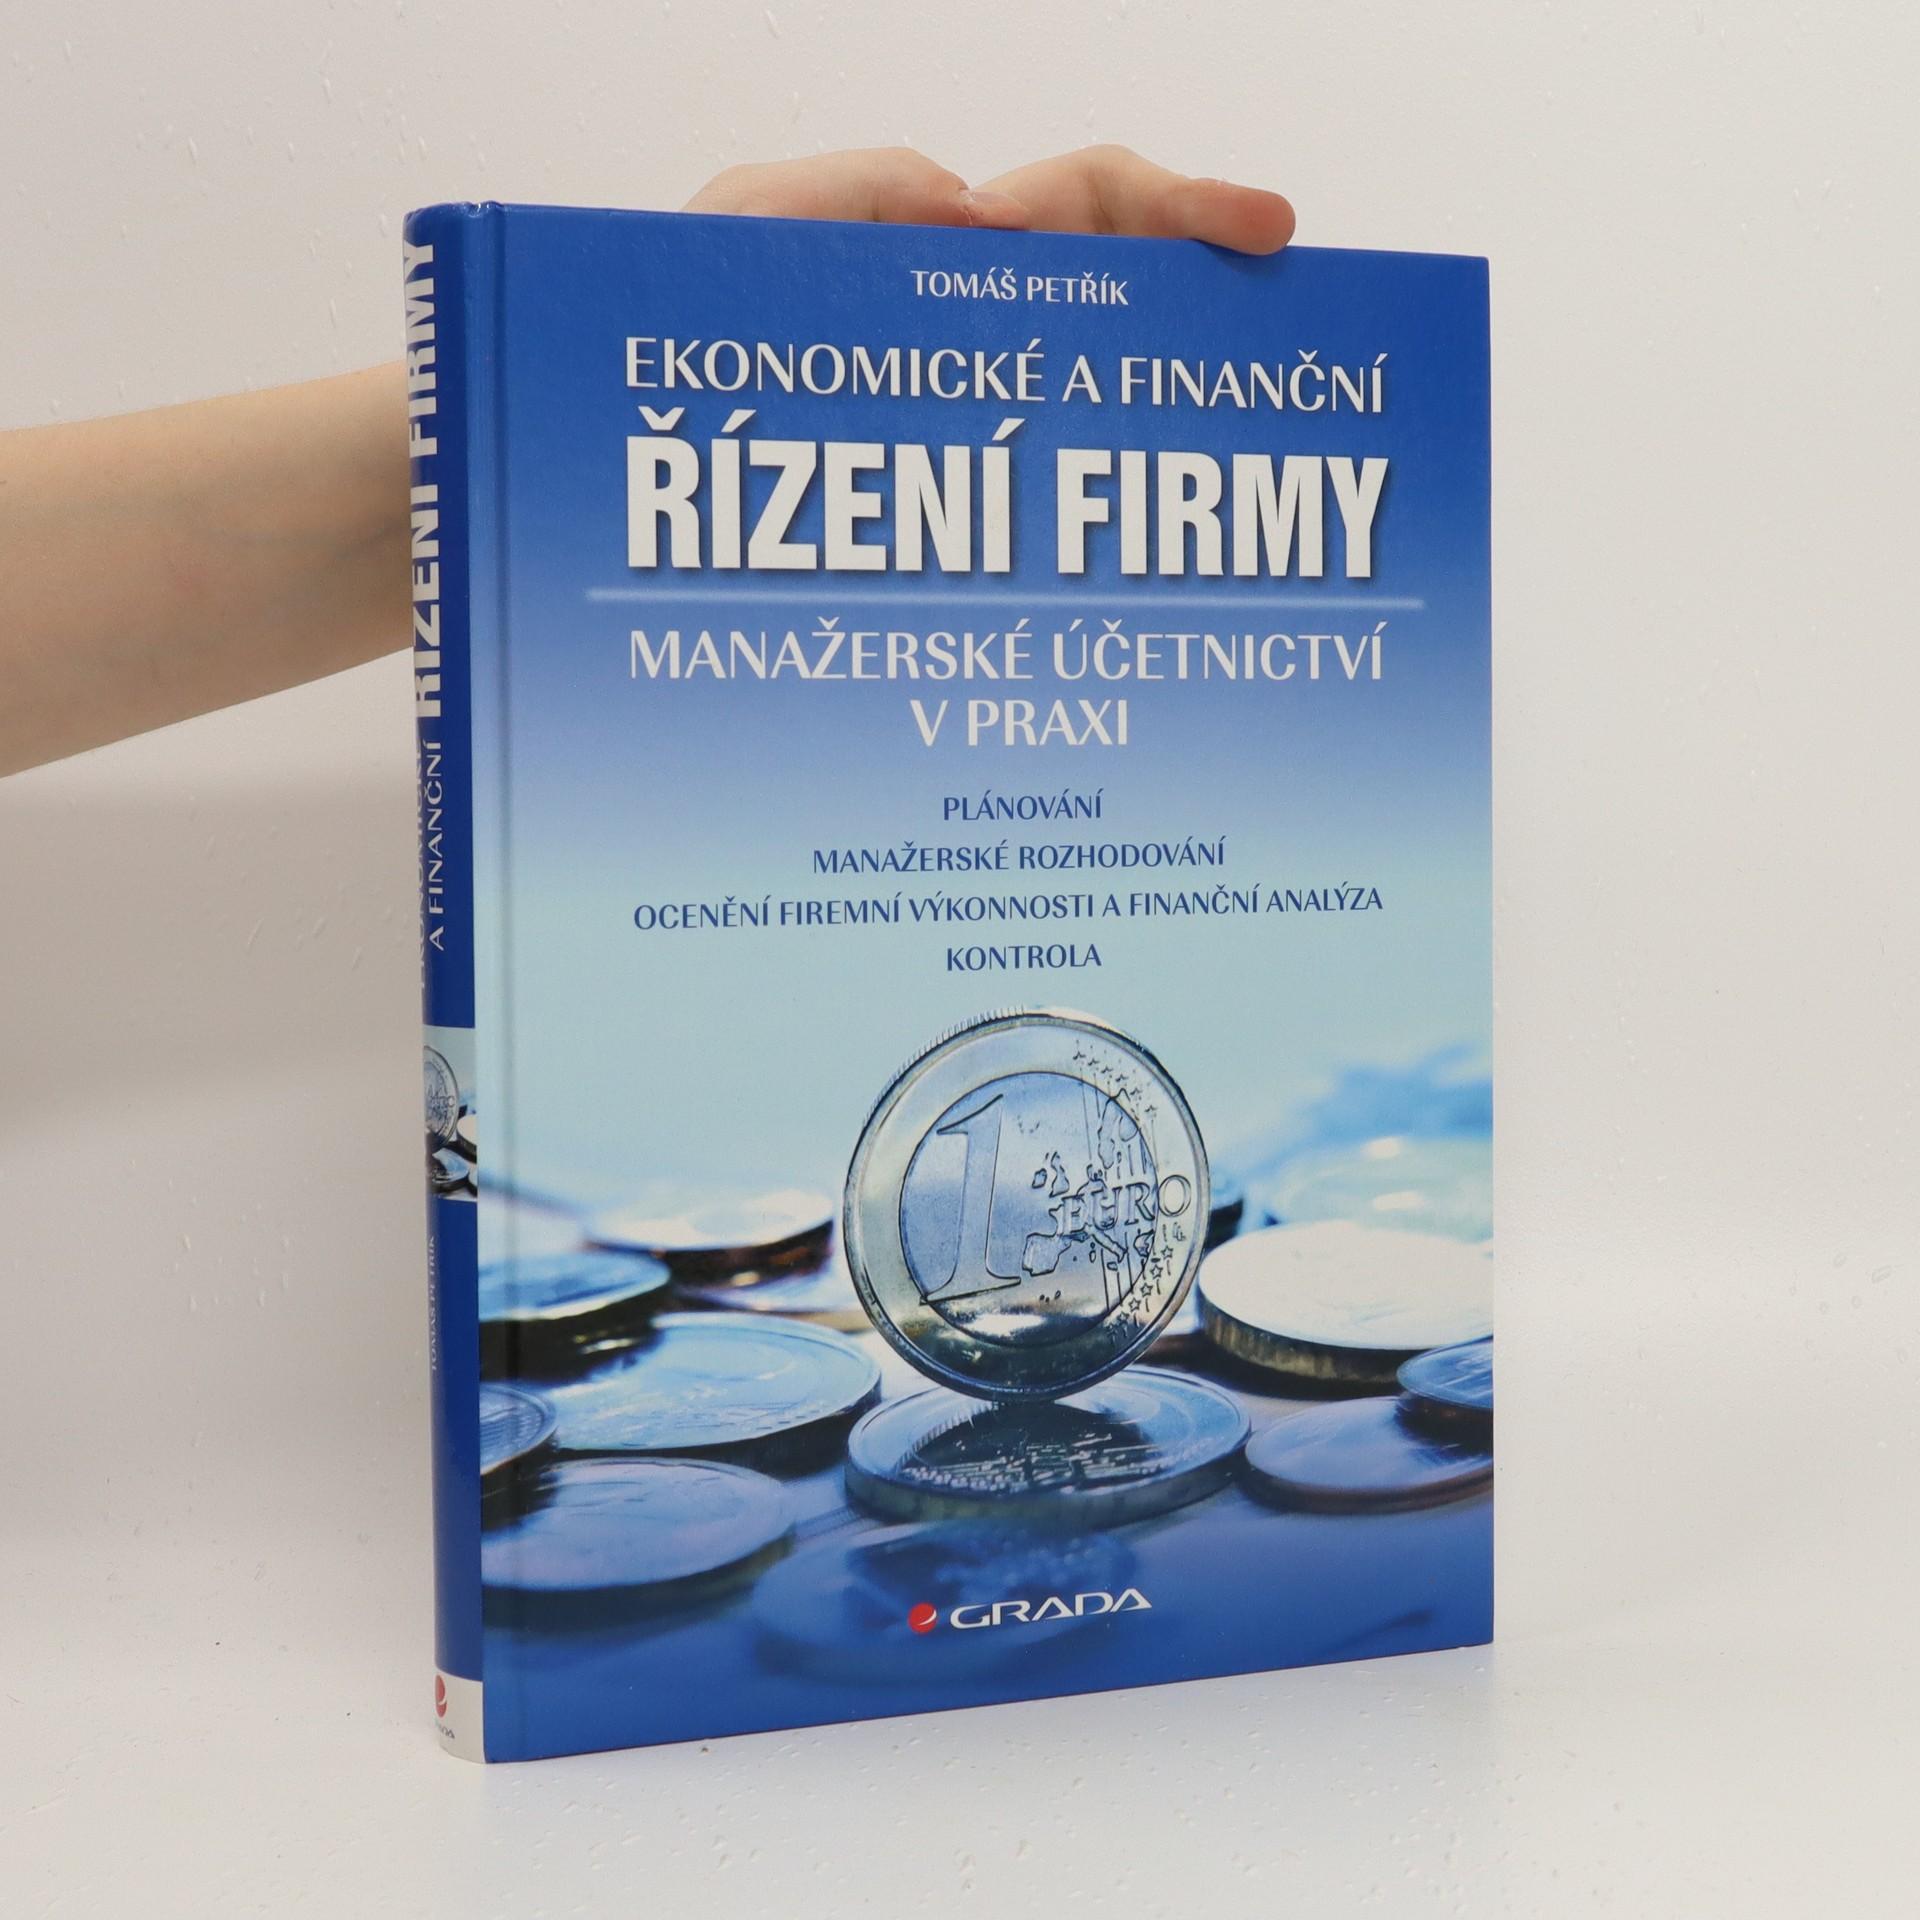 antikvární kniha Ekonomické a finanční řízení firmy : manažerské účetnictví v praxi, 2005